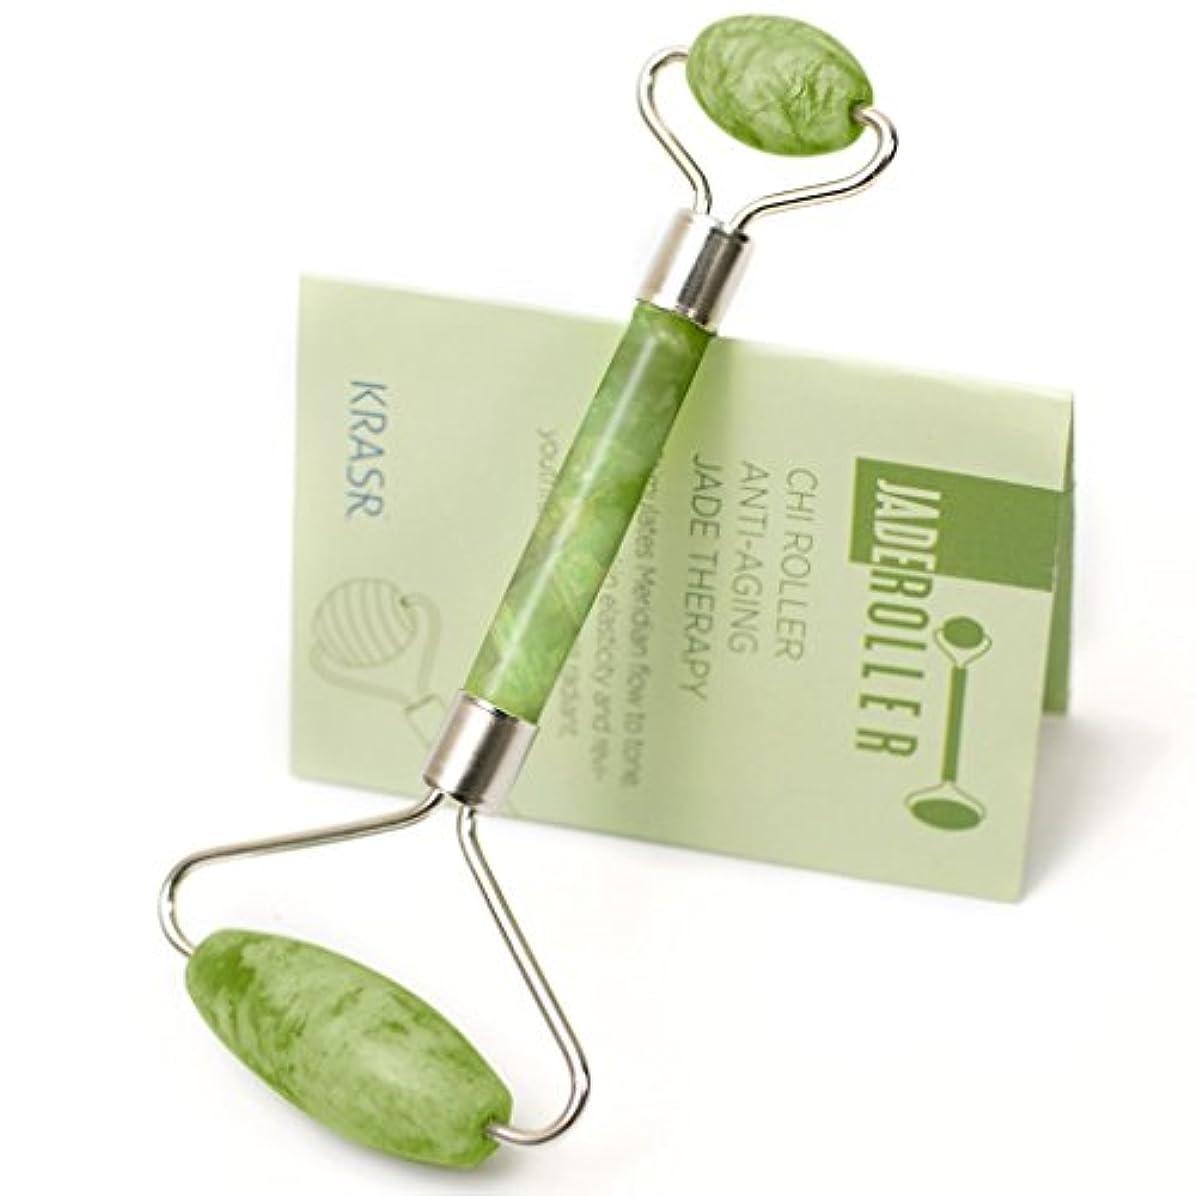 異常な到着救急車Echo & Kern グリーンアベンチュリンの美顔ローラーフェイスマッサジローラーThe Original Chi Himalayan Anti Aging Jade roller Therapy 100% Natural...